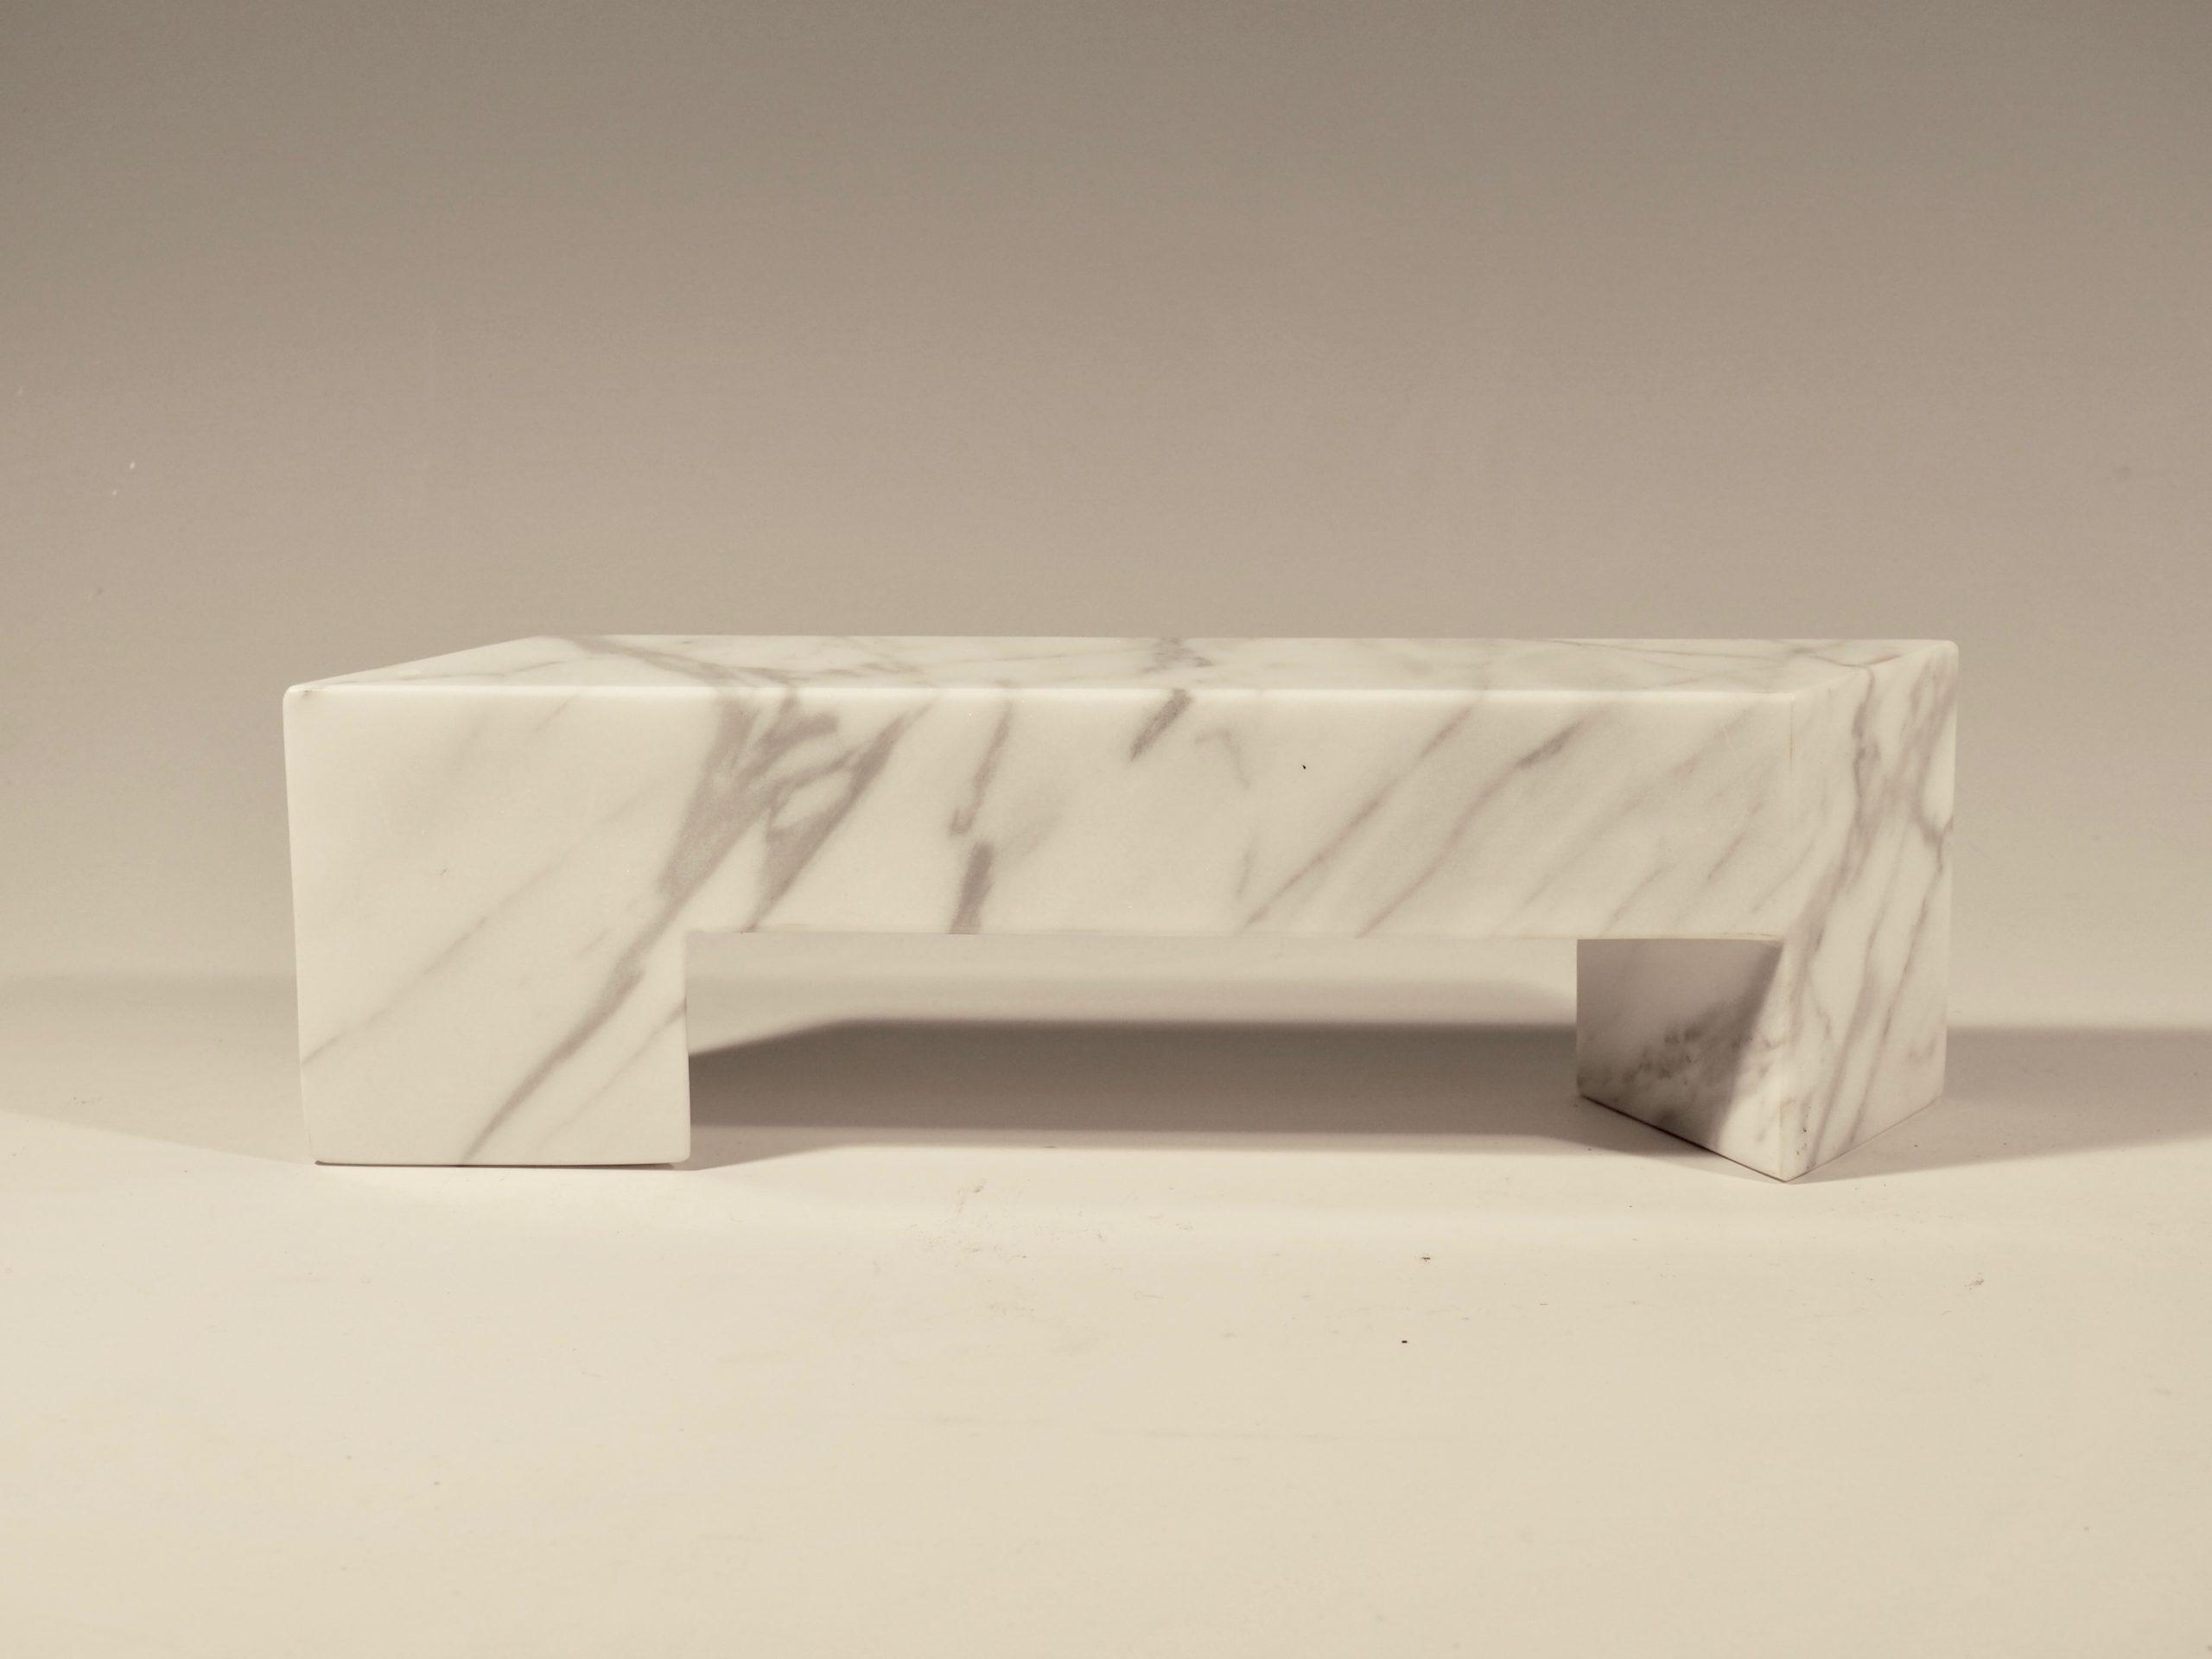 Model af bænk, Marmor, 10x33.5x7, Pris 7.000 Kr.